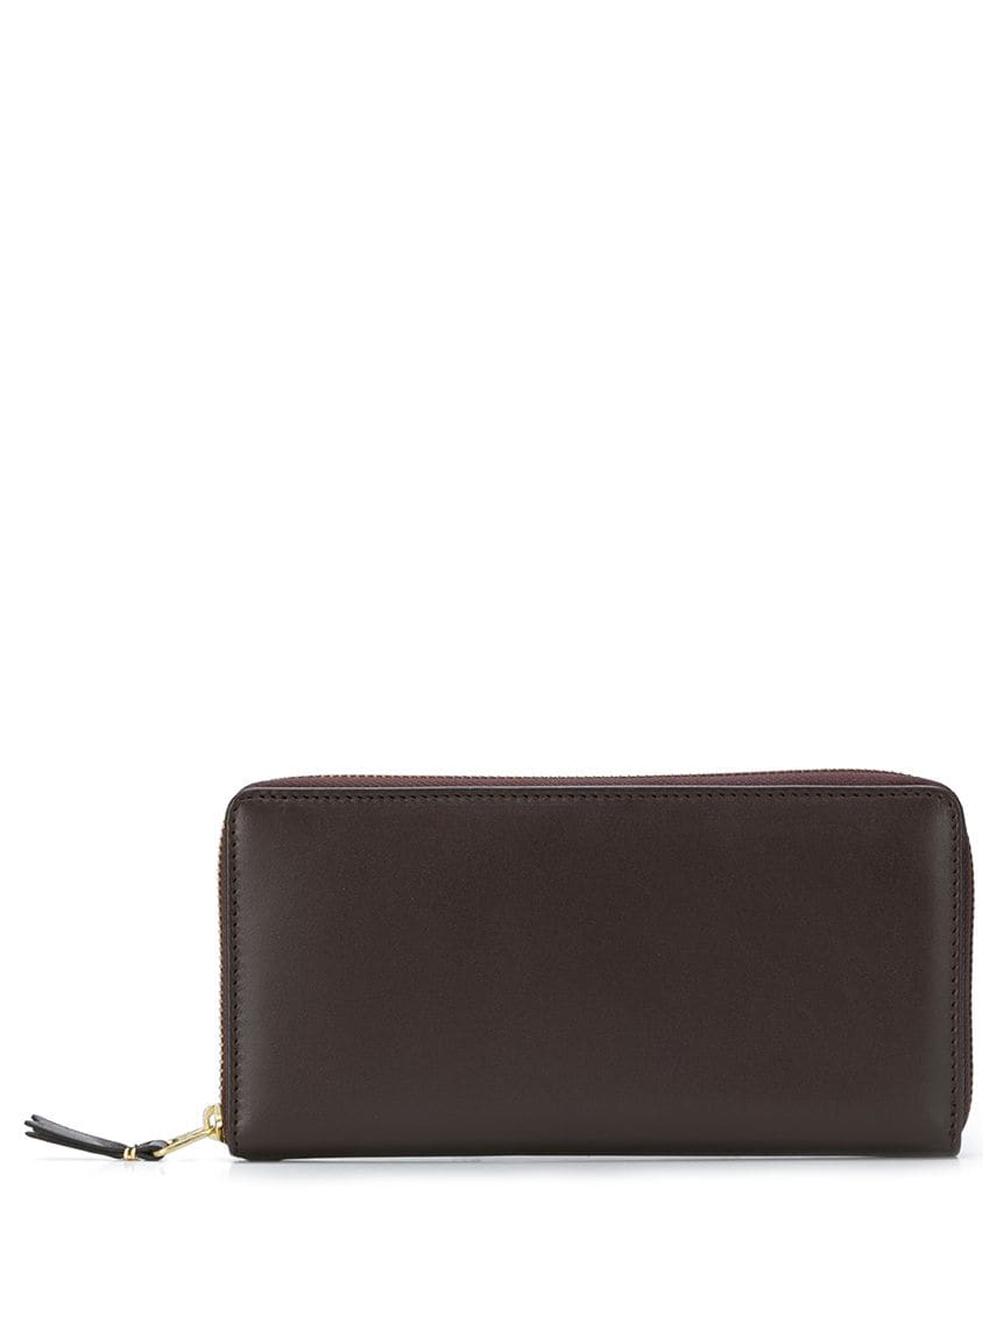 portafoglio classic line unisex marrone in pelle COMME DES GARÇONS WALLET | Portafogli | SA0110801